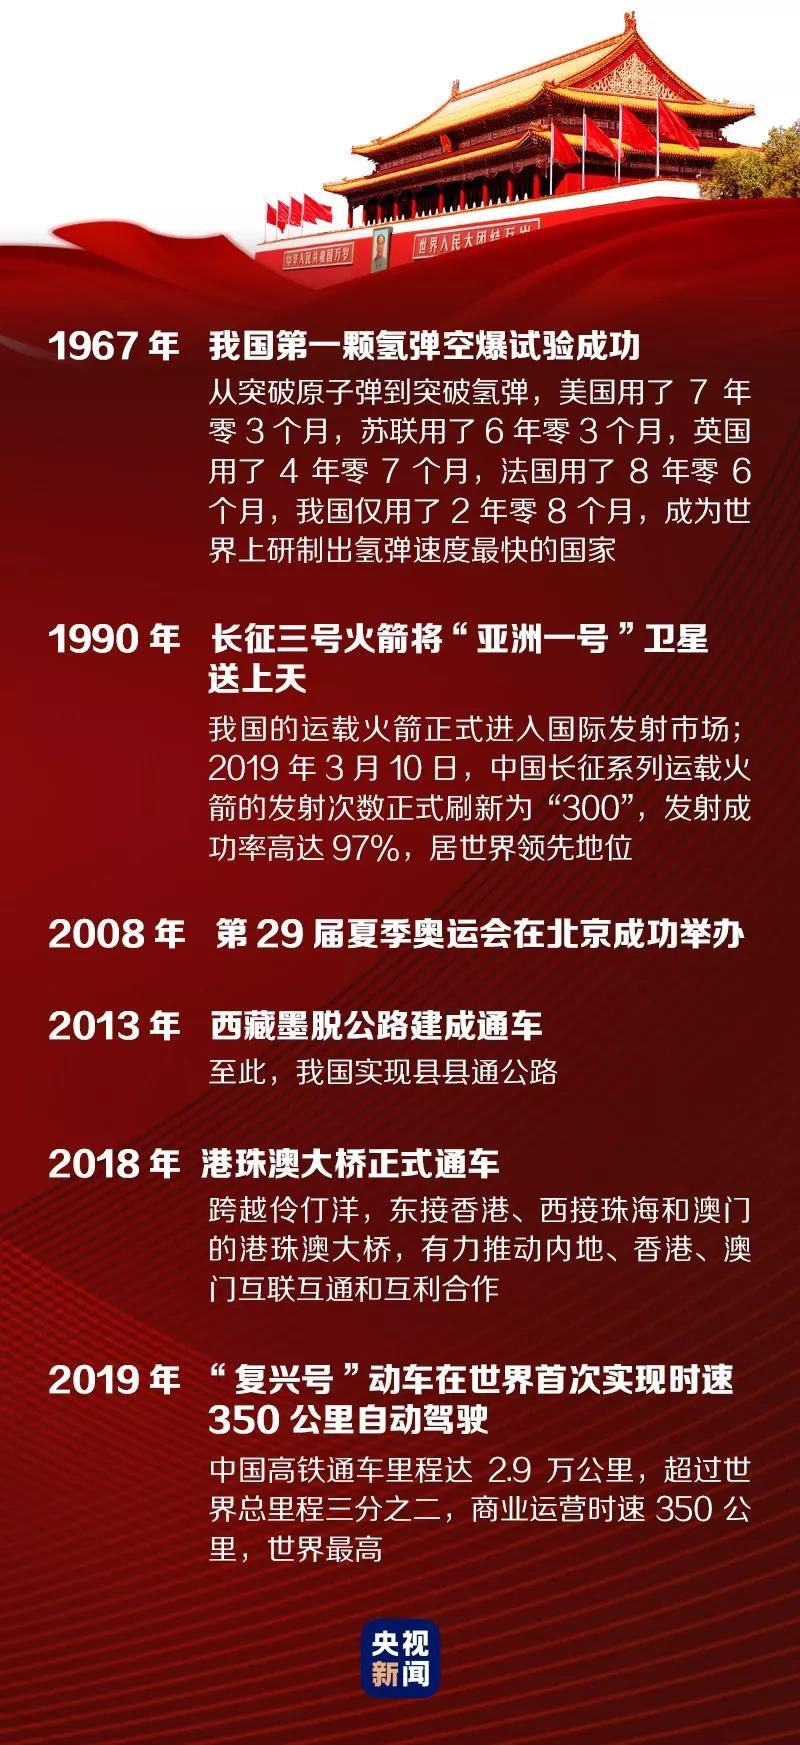 申博怎么开通会员,小鹅通宣布完成1亿元融B轮融资,目前估值超10亿总流水达55亿元